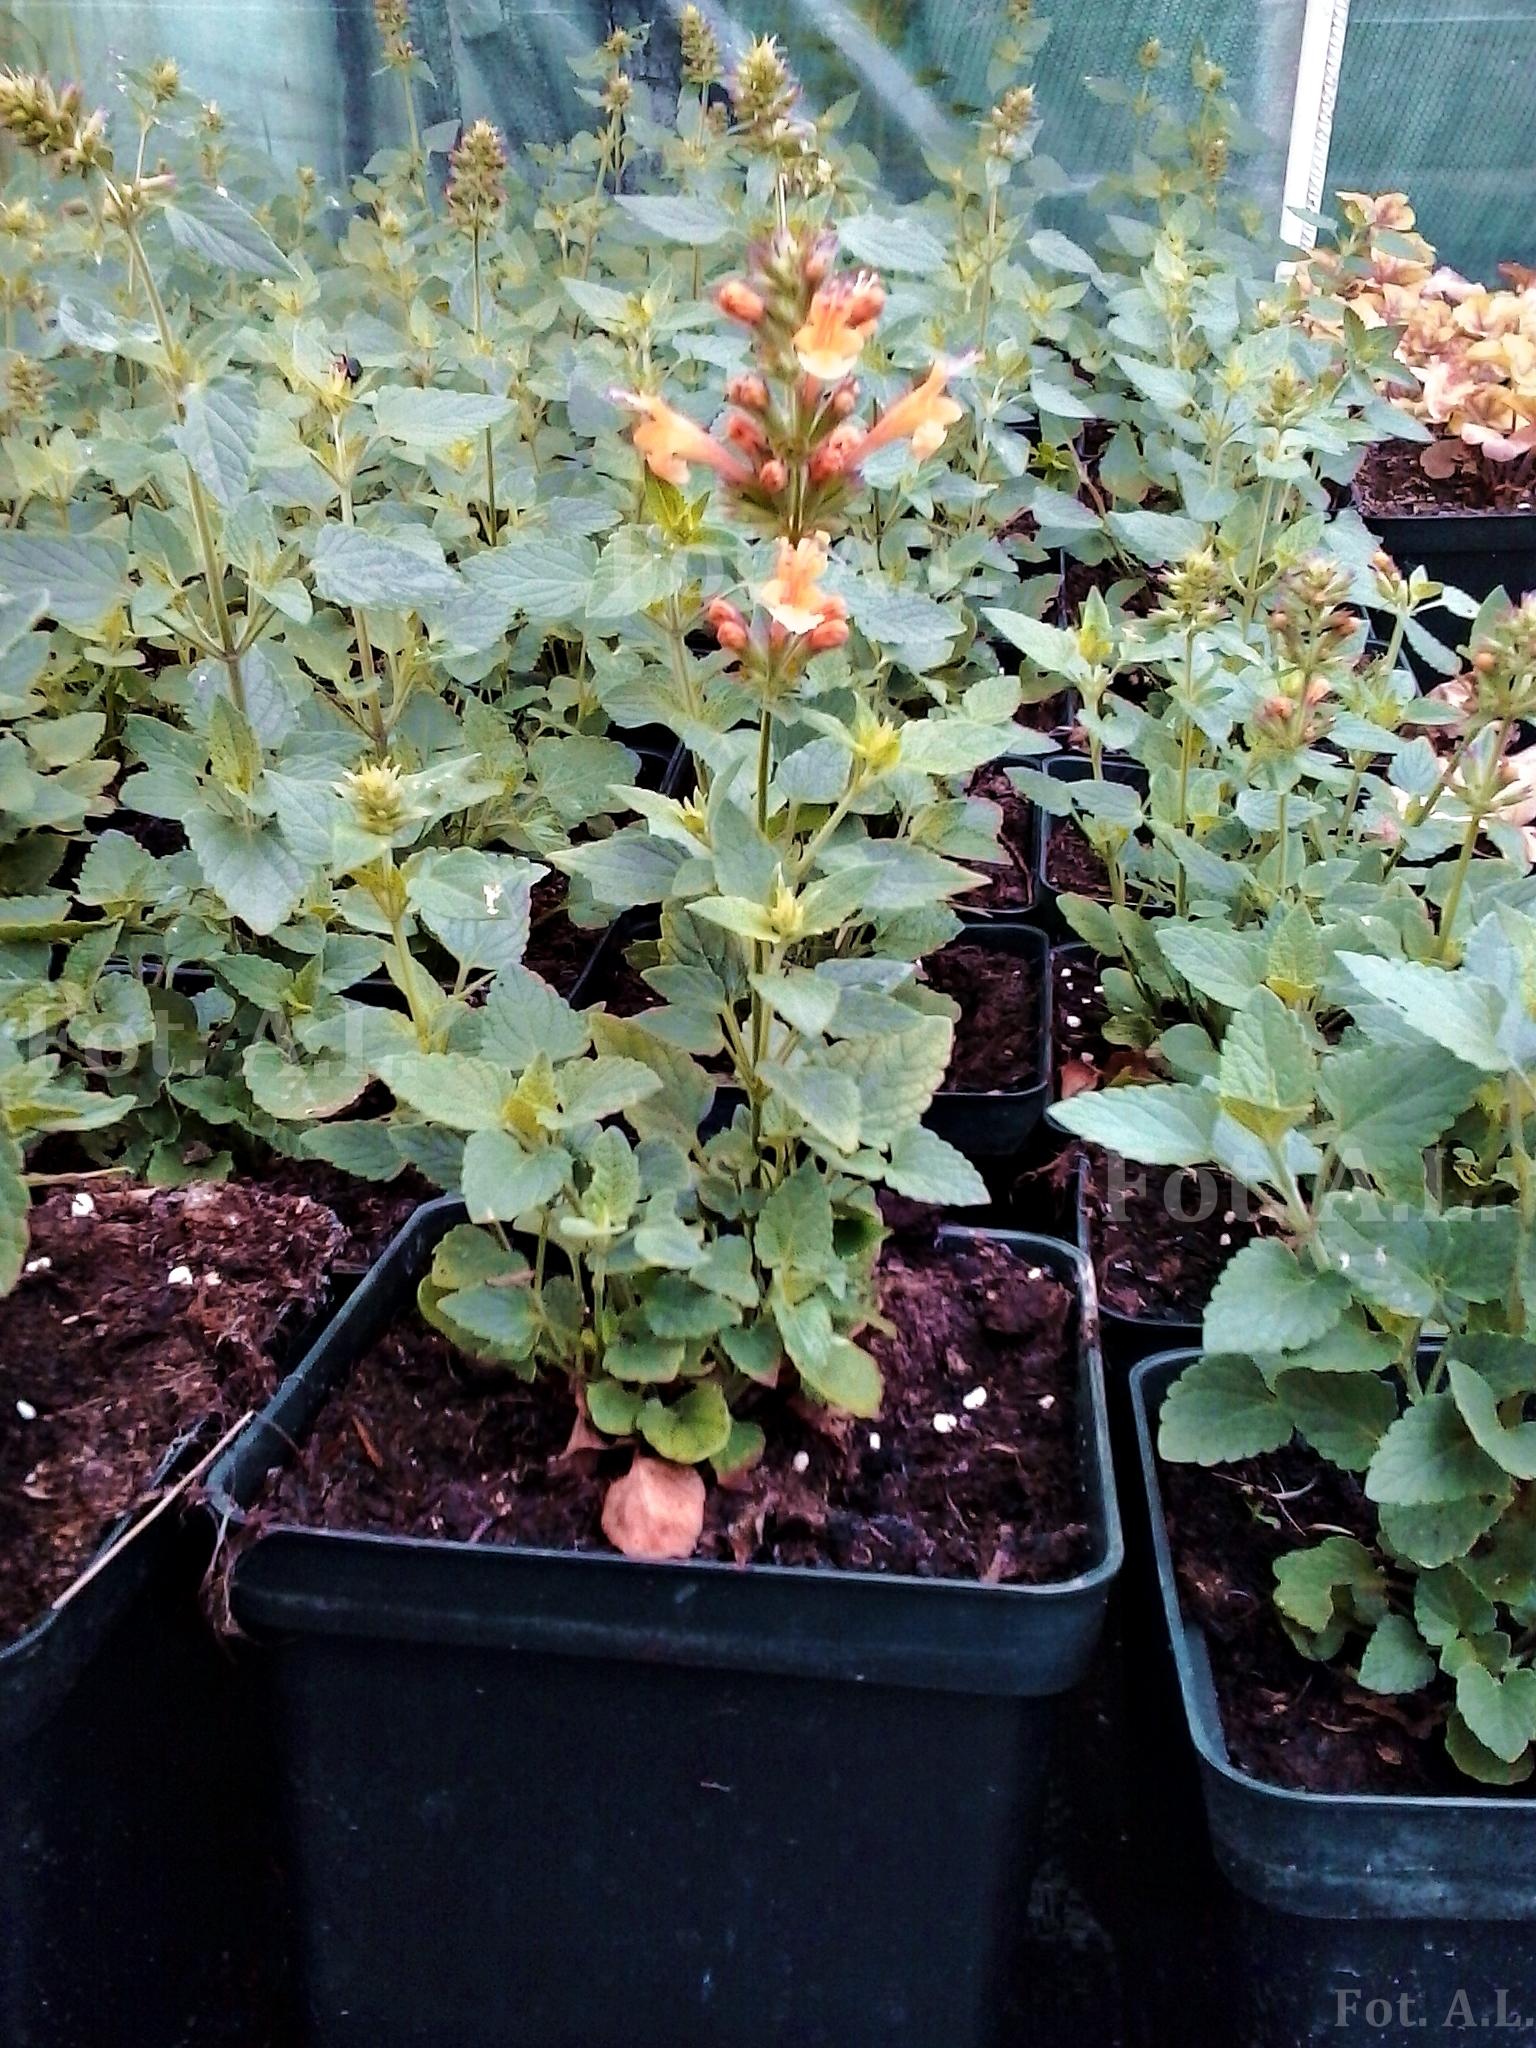 kłosowiec mieszańcowy kudos mandarin - wieloletnia bylina o miododajnych kwiatach.